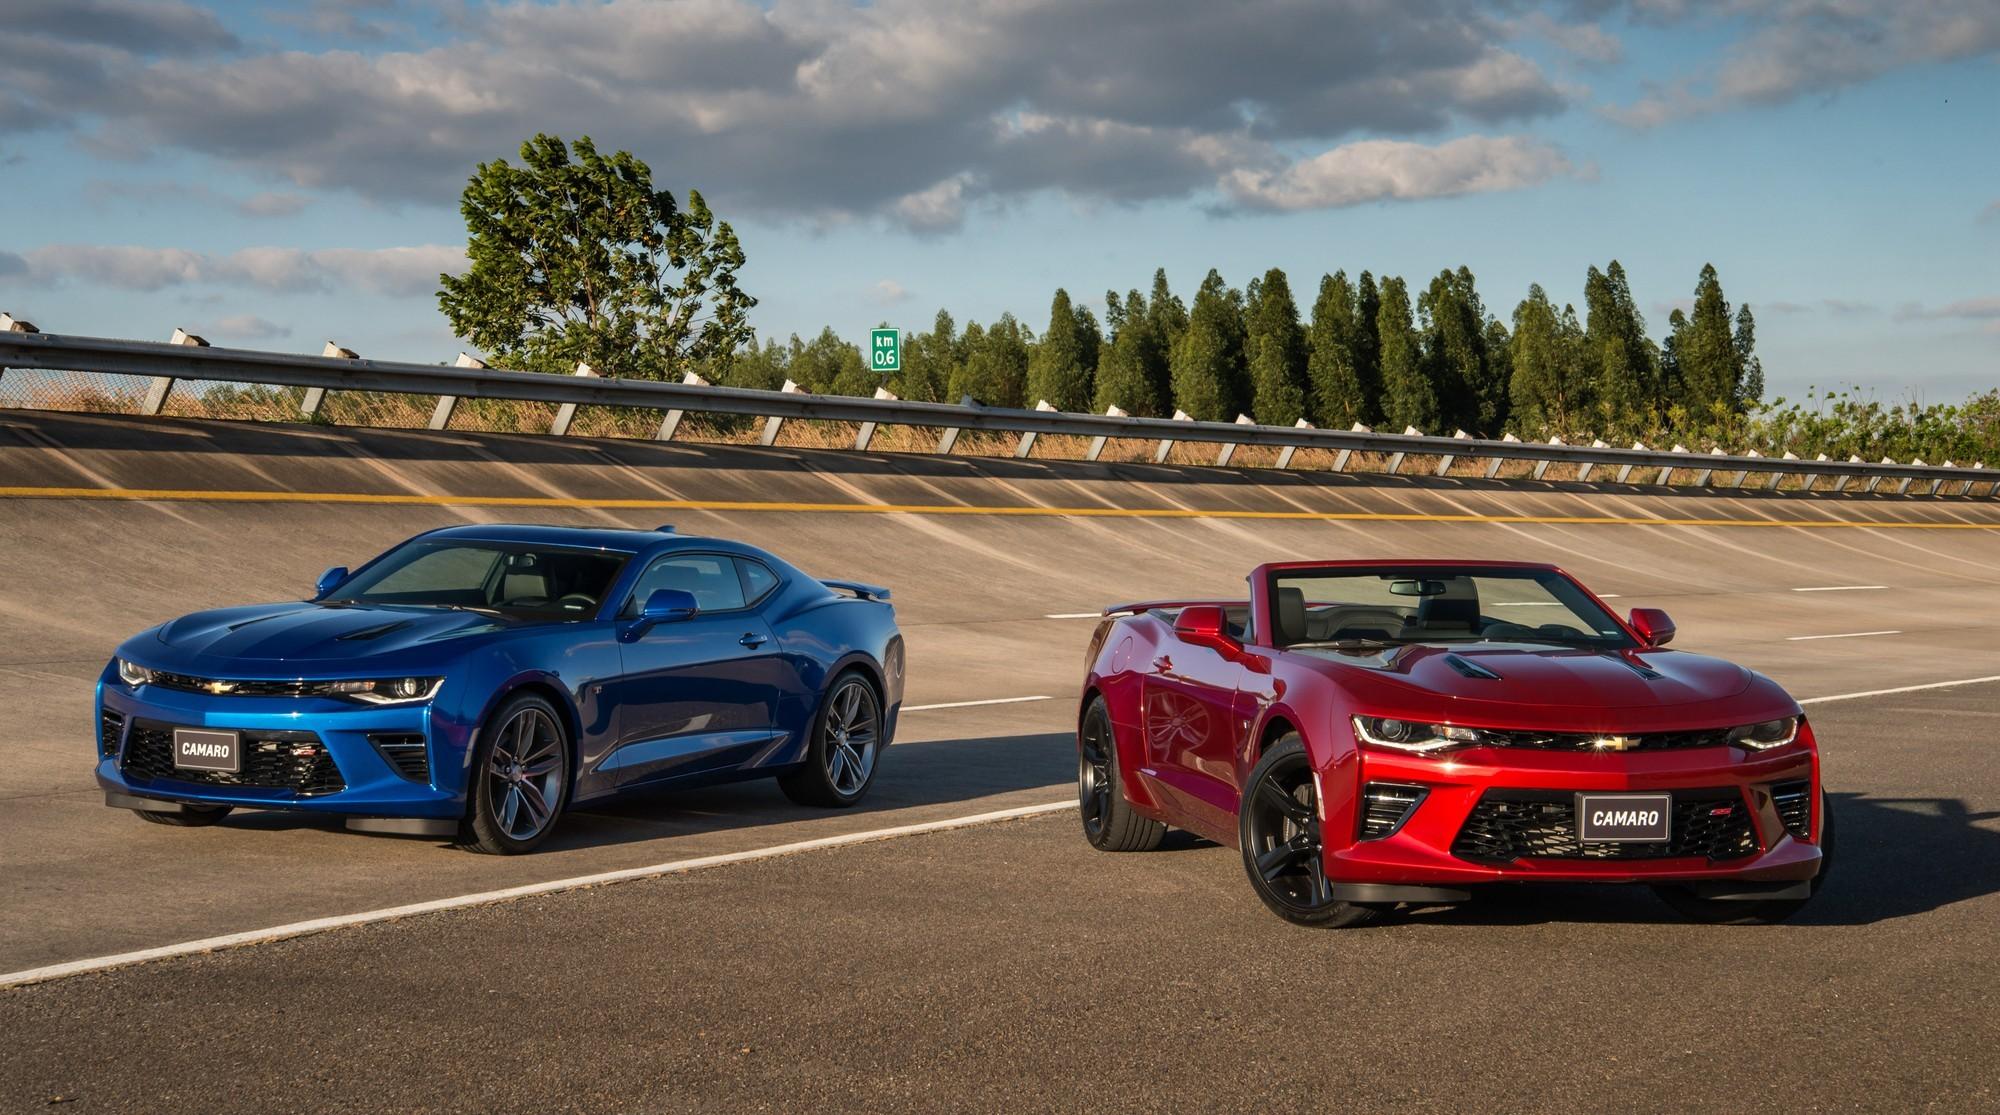 На смену бензиновому спорткару Chevrolet Camaro придёт электрический седан